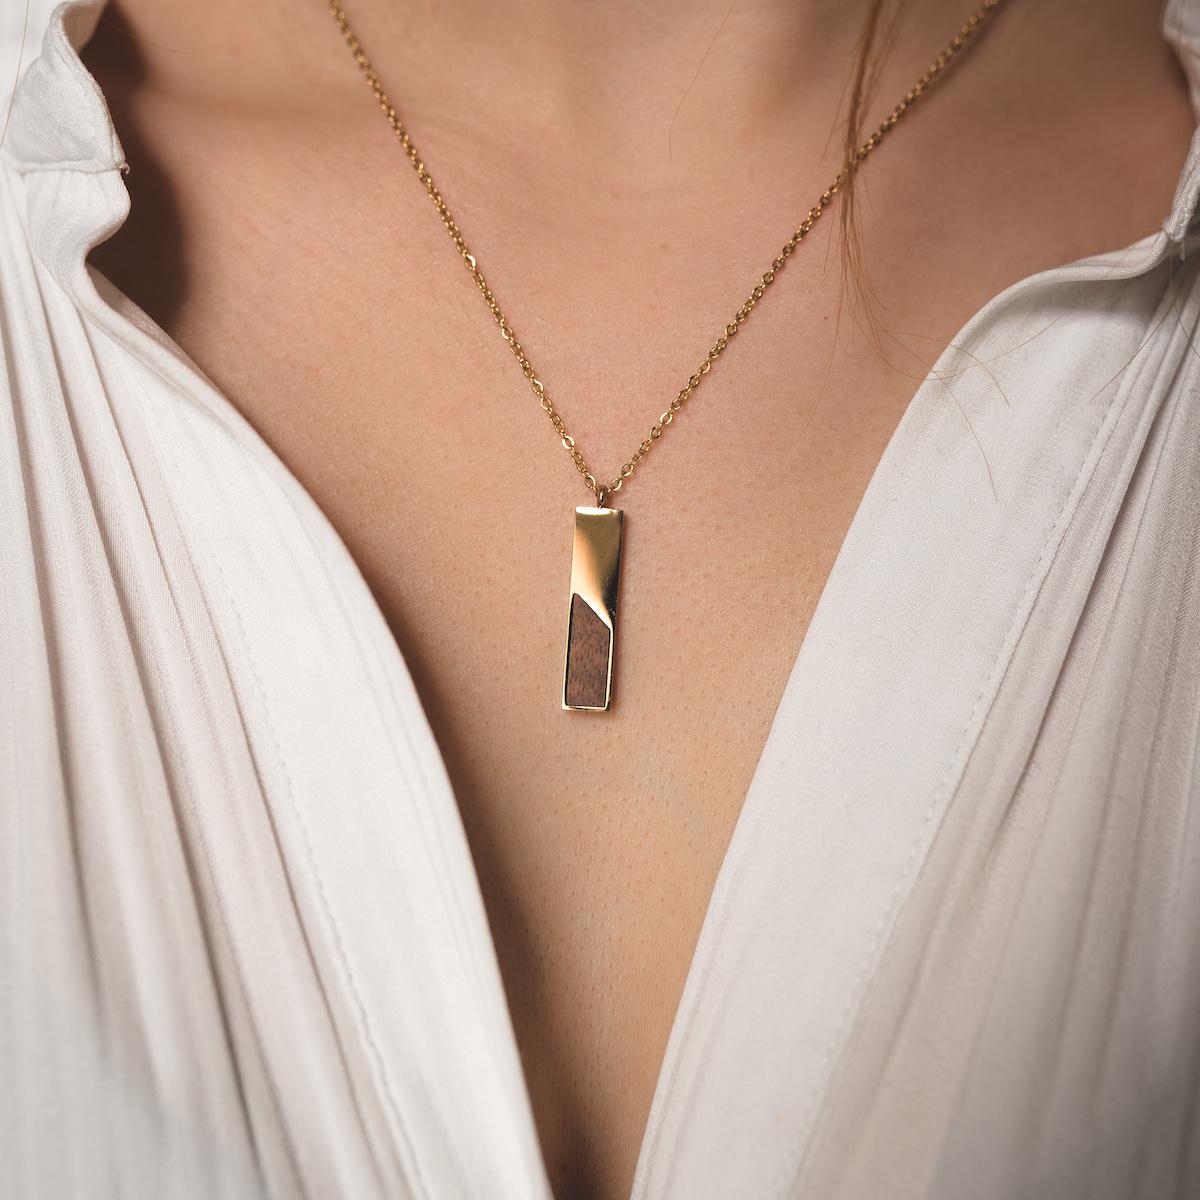 Ephemera Necklace $65